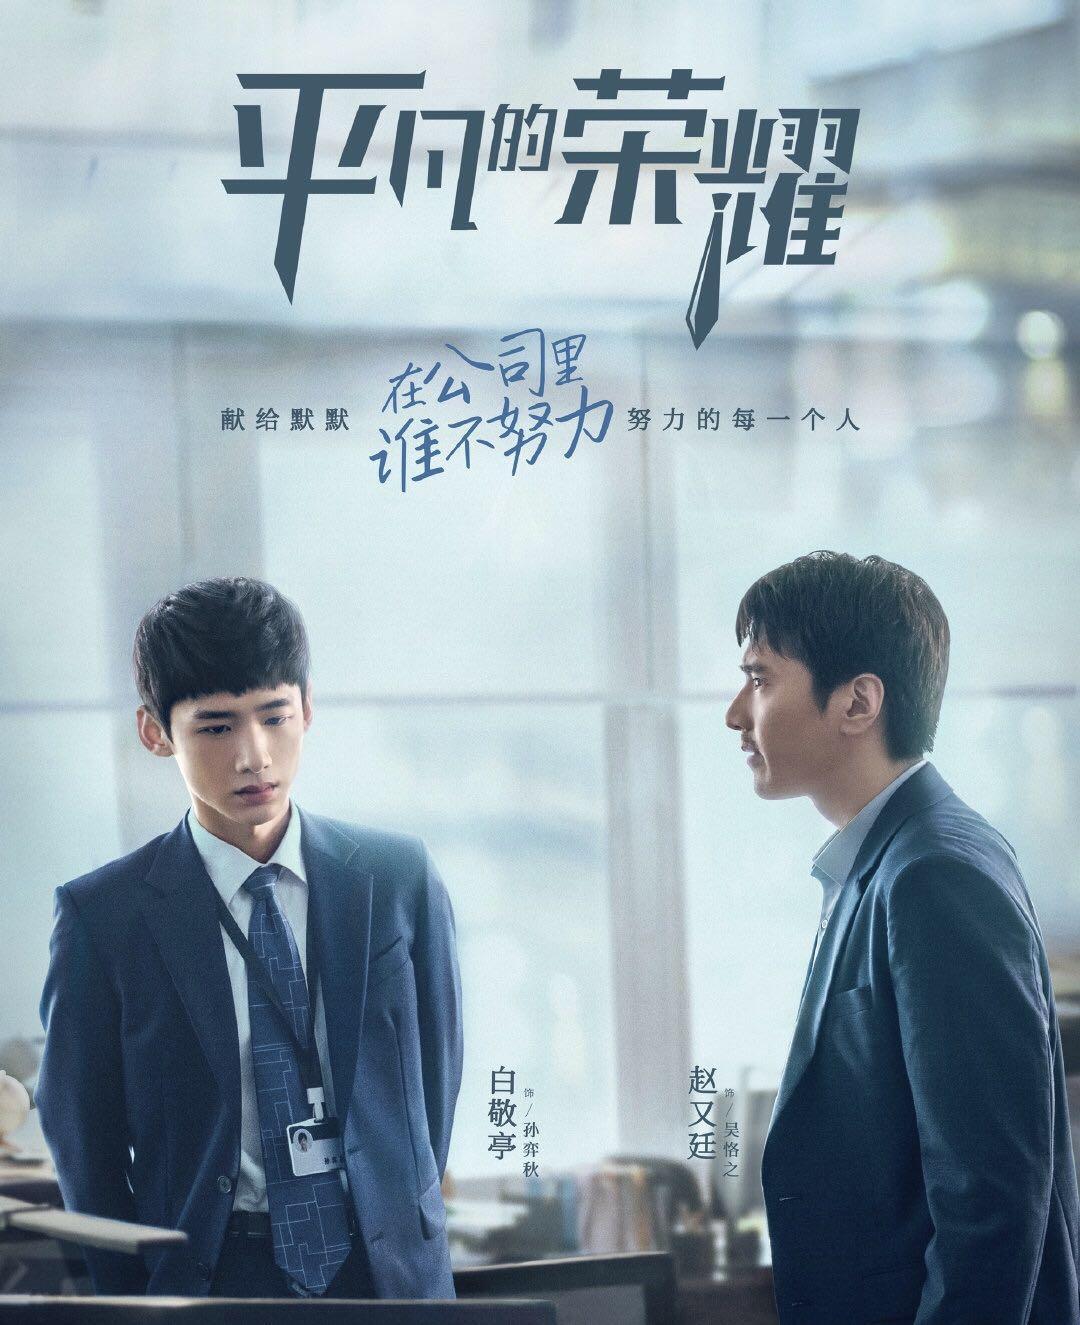 在韩国创下收视奇迹,这部剧刷新了多少人对职场的看法?